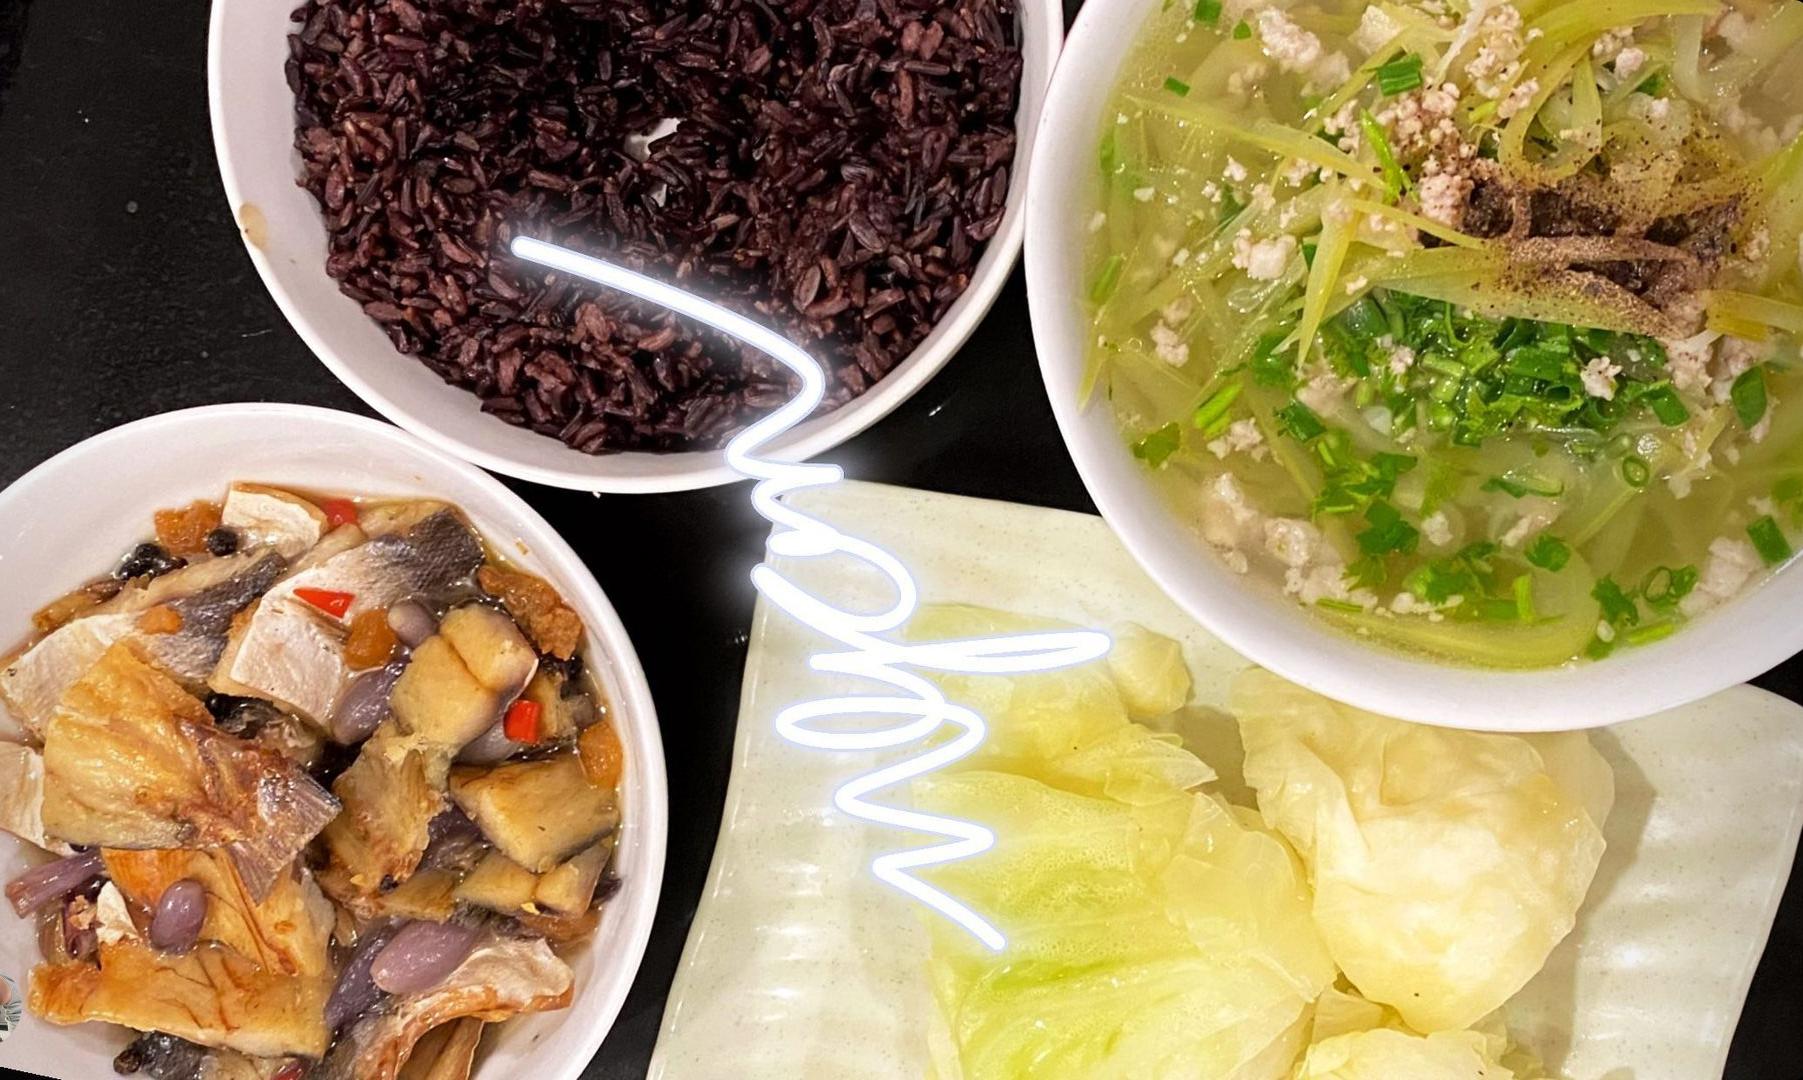 Trong bữa cơm hàng ngày, Kiều Minh Tuấn cũng thường thay thế gạo trắng bằng gạo lứt. Các món mặn còn lại nấu như bình thường. Mâm cơm của gia đình anh gồm các món giản dị như canh bí thịt băm, cá sốt, bắp cải luộc chấm mắm ớt...